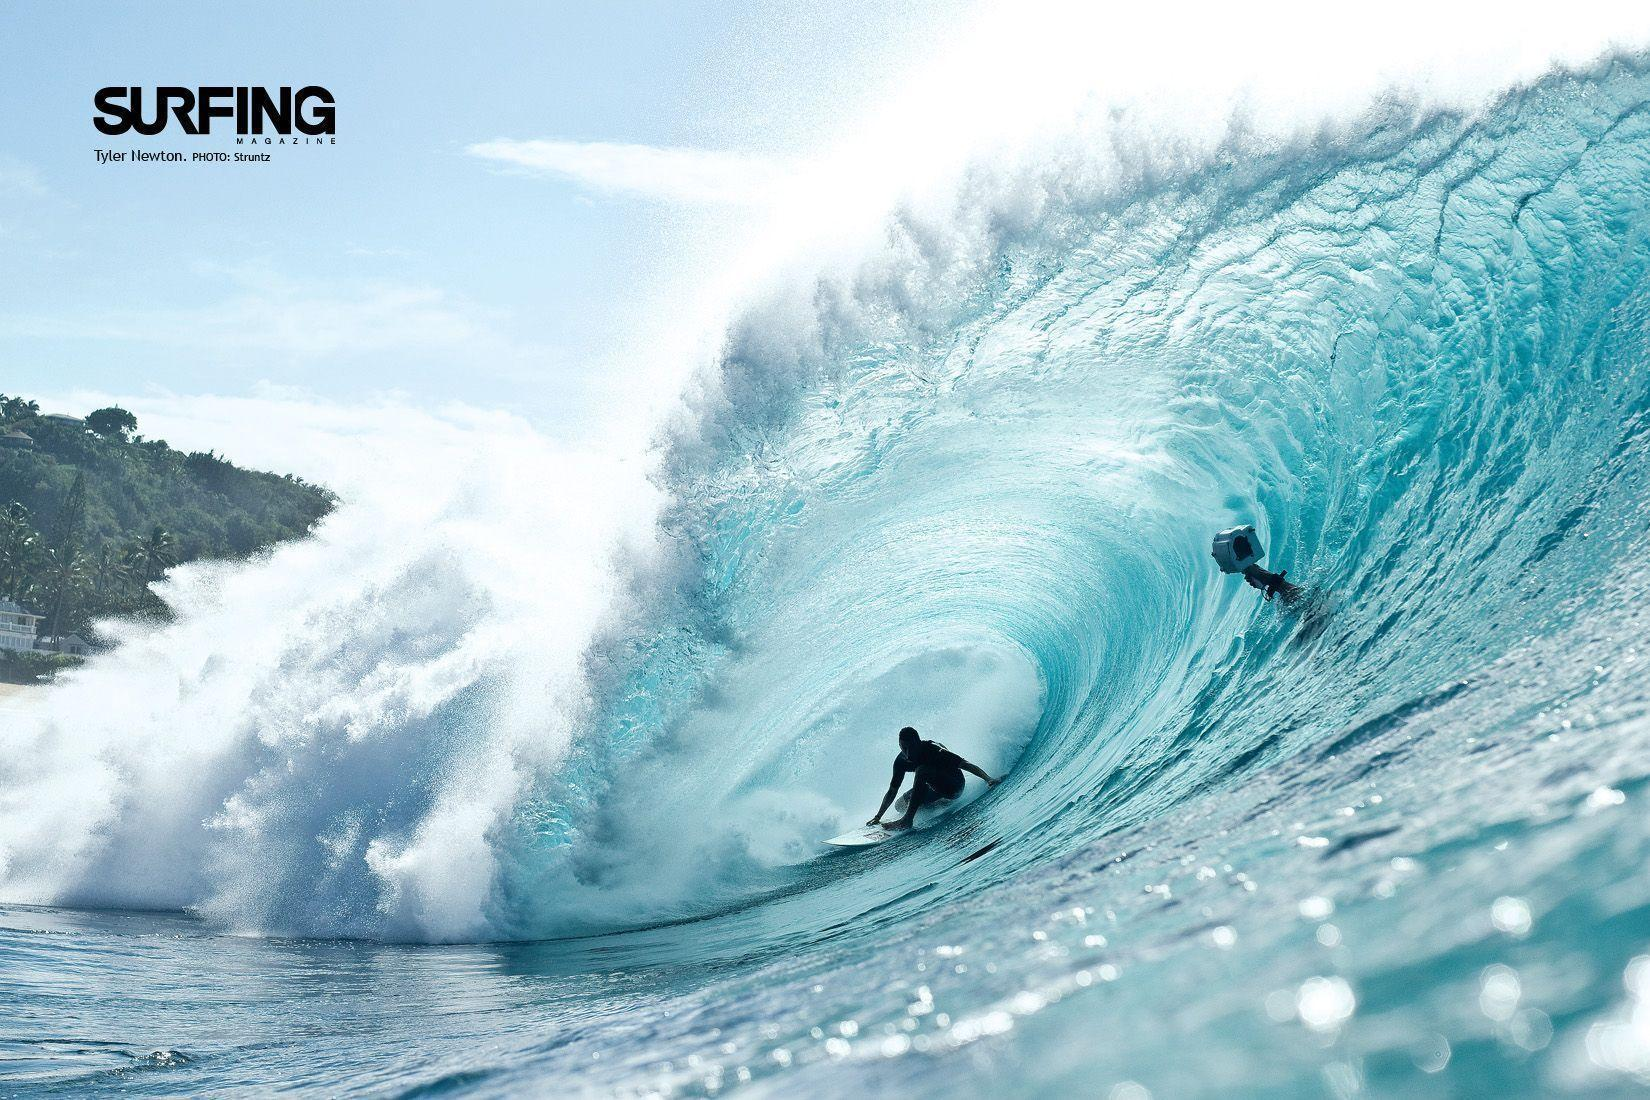 波 ビーチ海 ハワイ 南国風 夏 テーマ Pcデスクトップ壁紙 素材